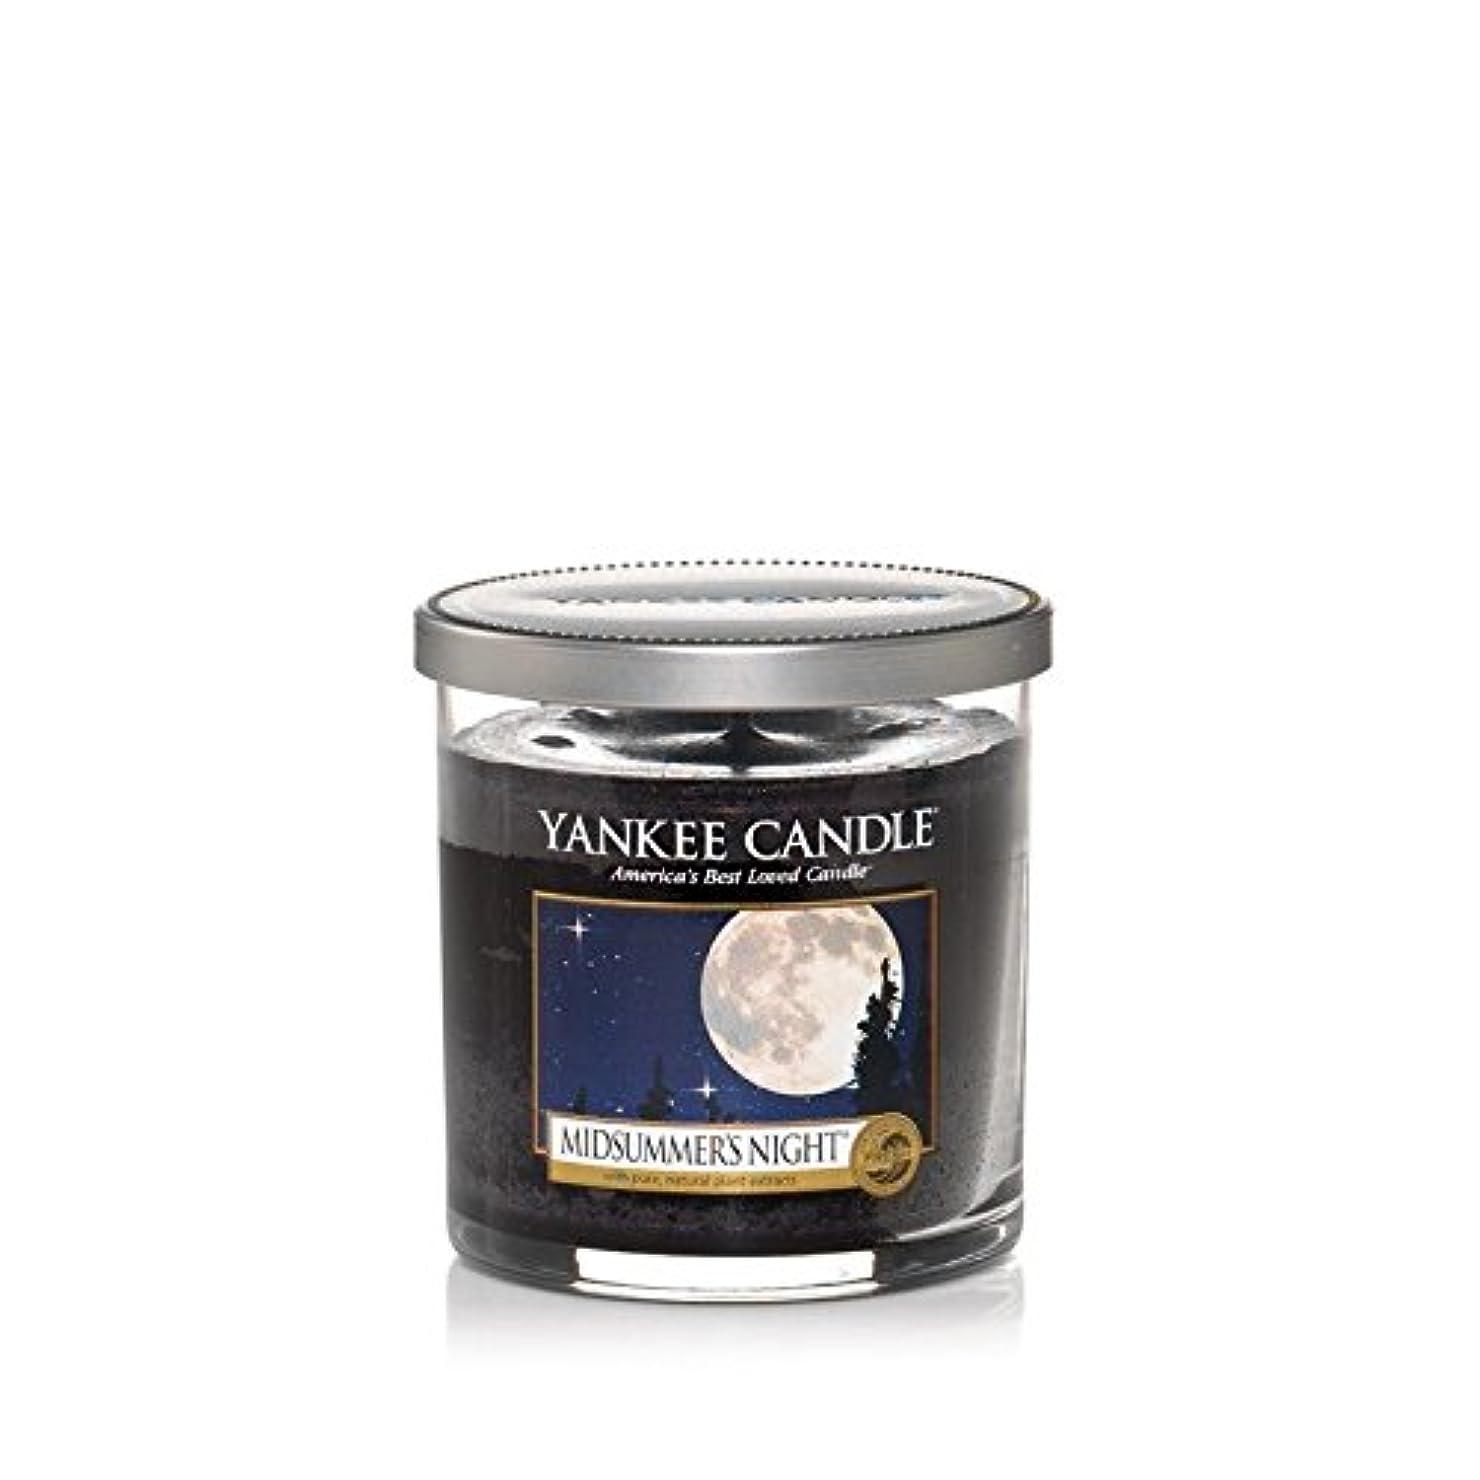 心臓慣れている重大Yankee Candles Small Pillar Candle - Midsummers Night (Pack of 6) - ヤンキーキャンドルの小さな柱キャンドル - Midsummers夜 (x6) [並行輸入品]